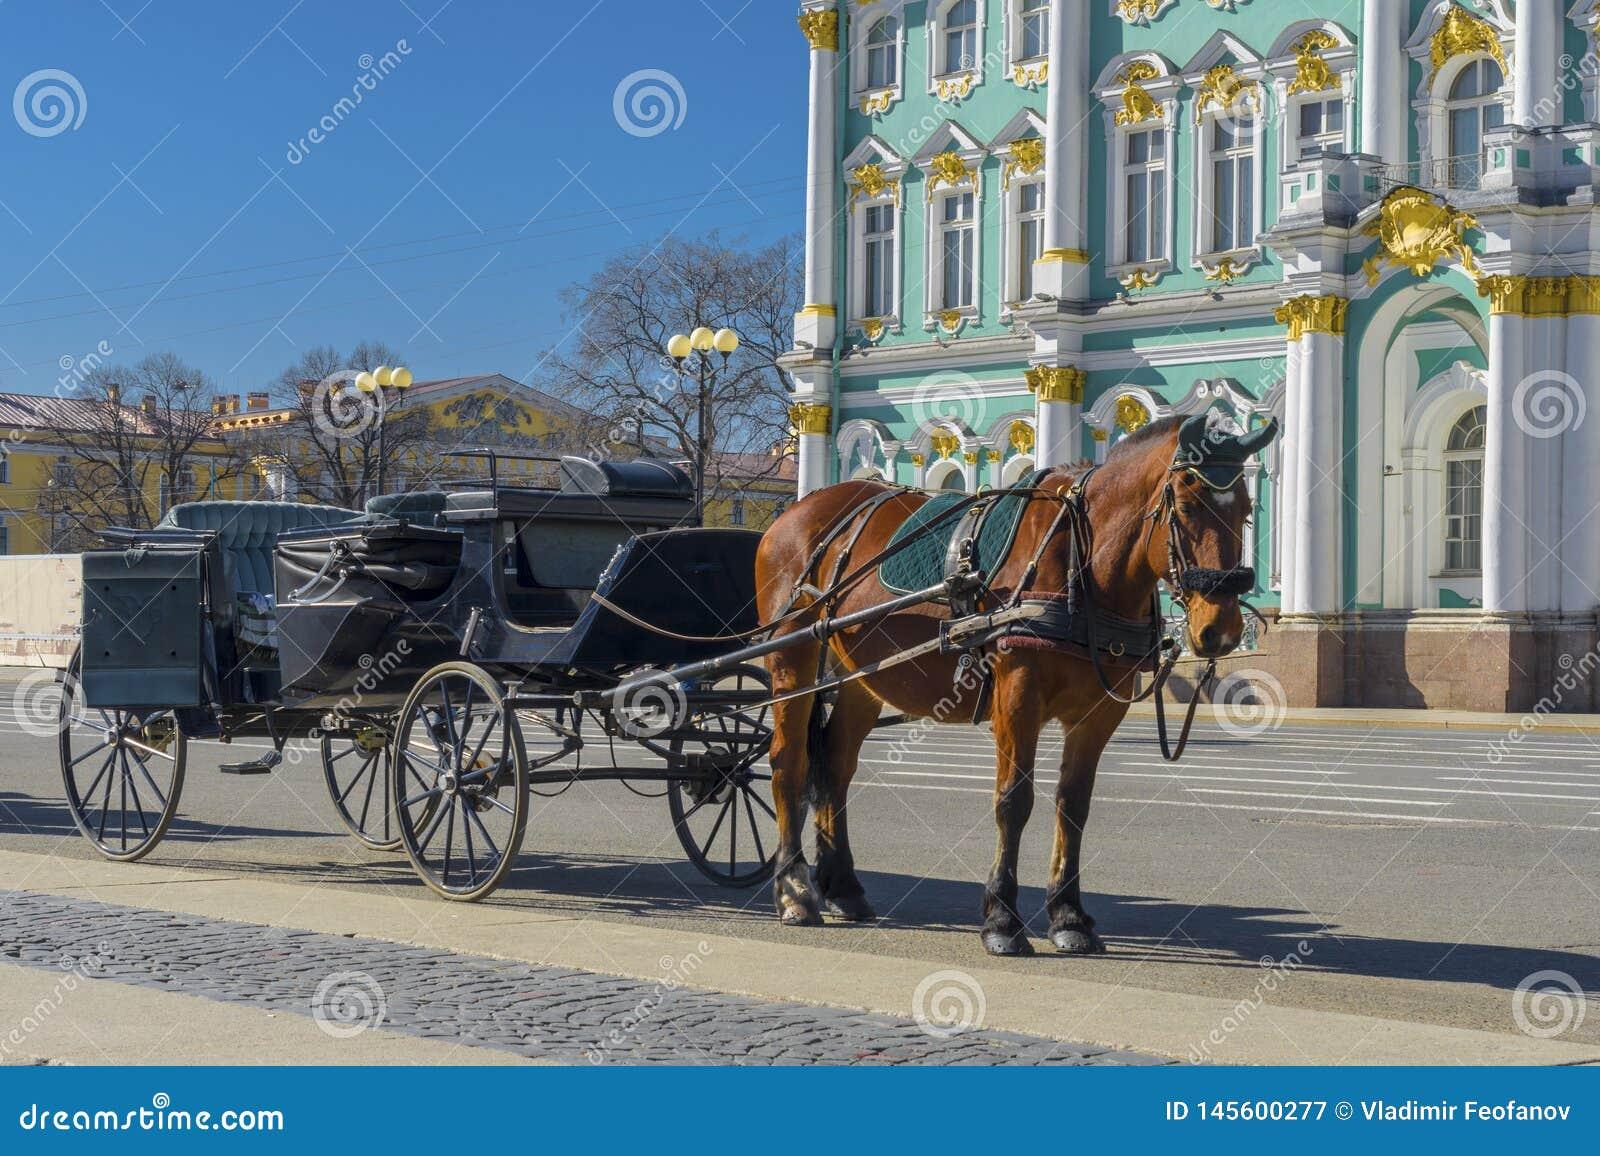 Alter Retro- Wagen vor Winter-Palast-Einsiedlerei-Museum auf Palast-Quadrat in St Petersburg, Russland Historisches altes